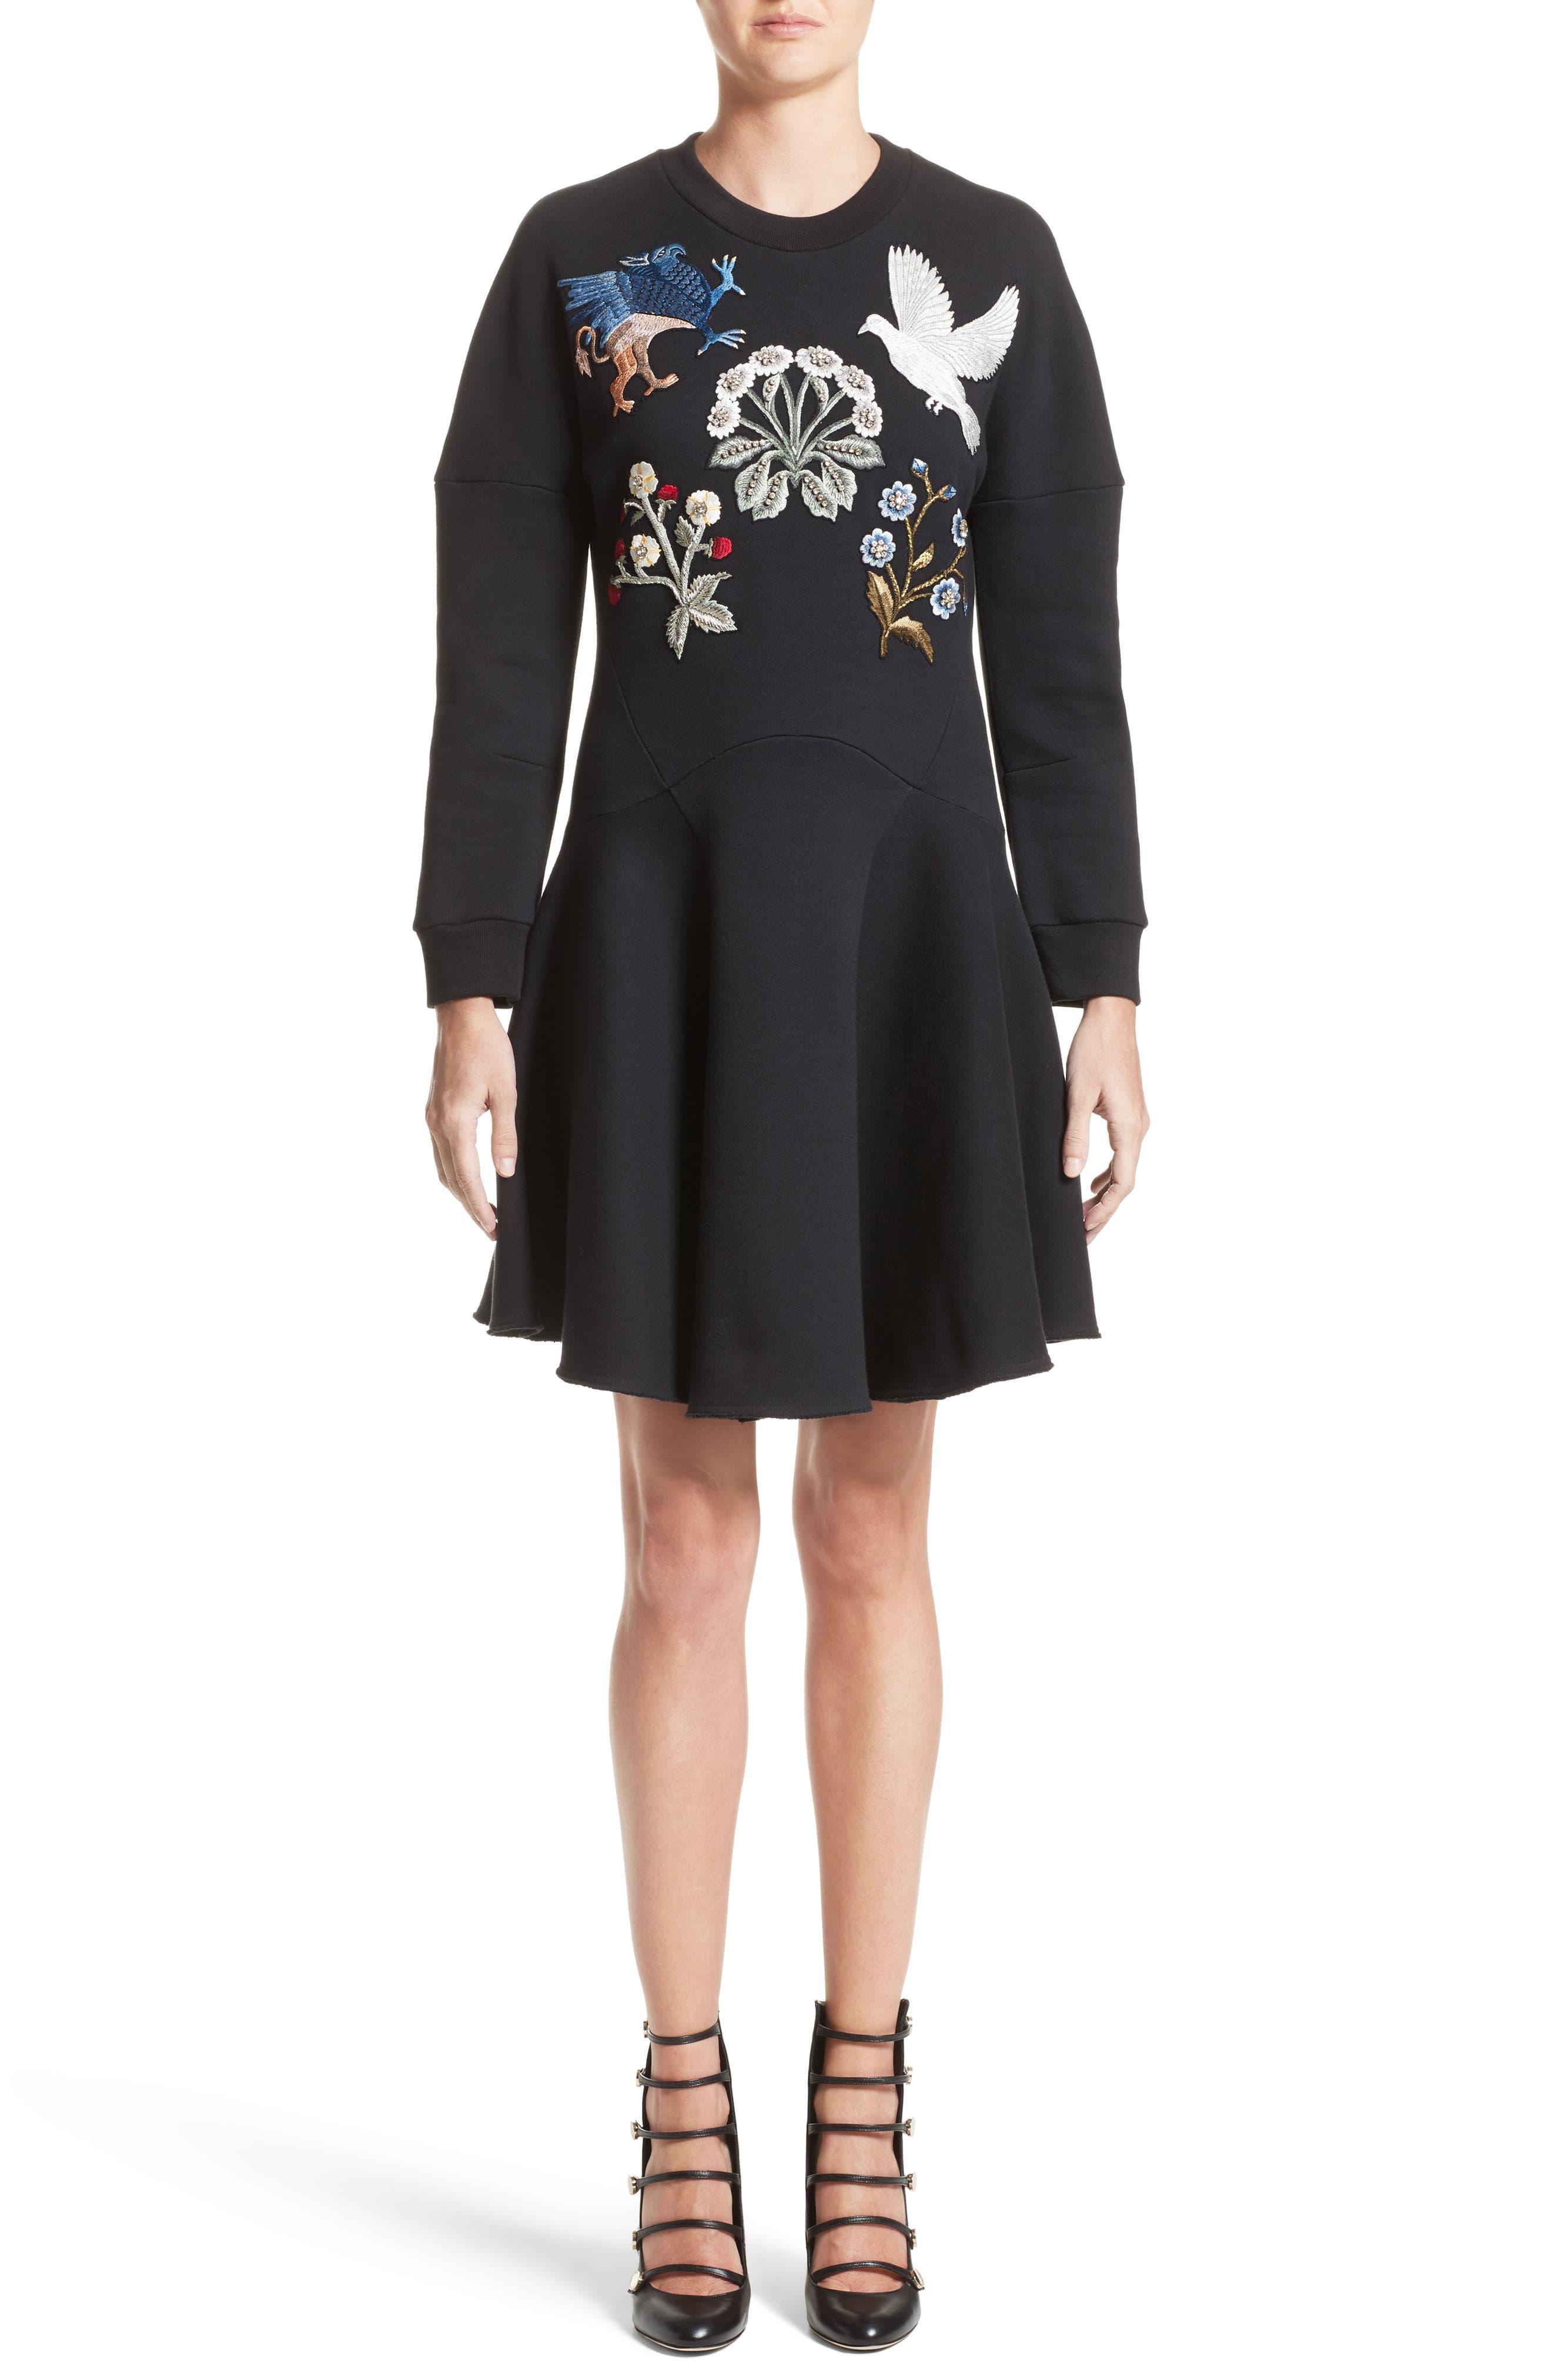 Alexander McQueen Embroidered Sweatshirt Dress